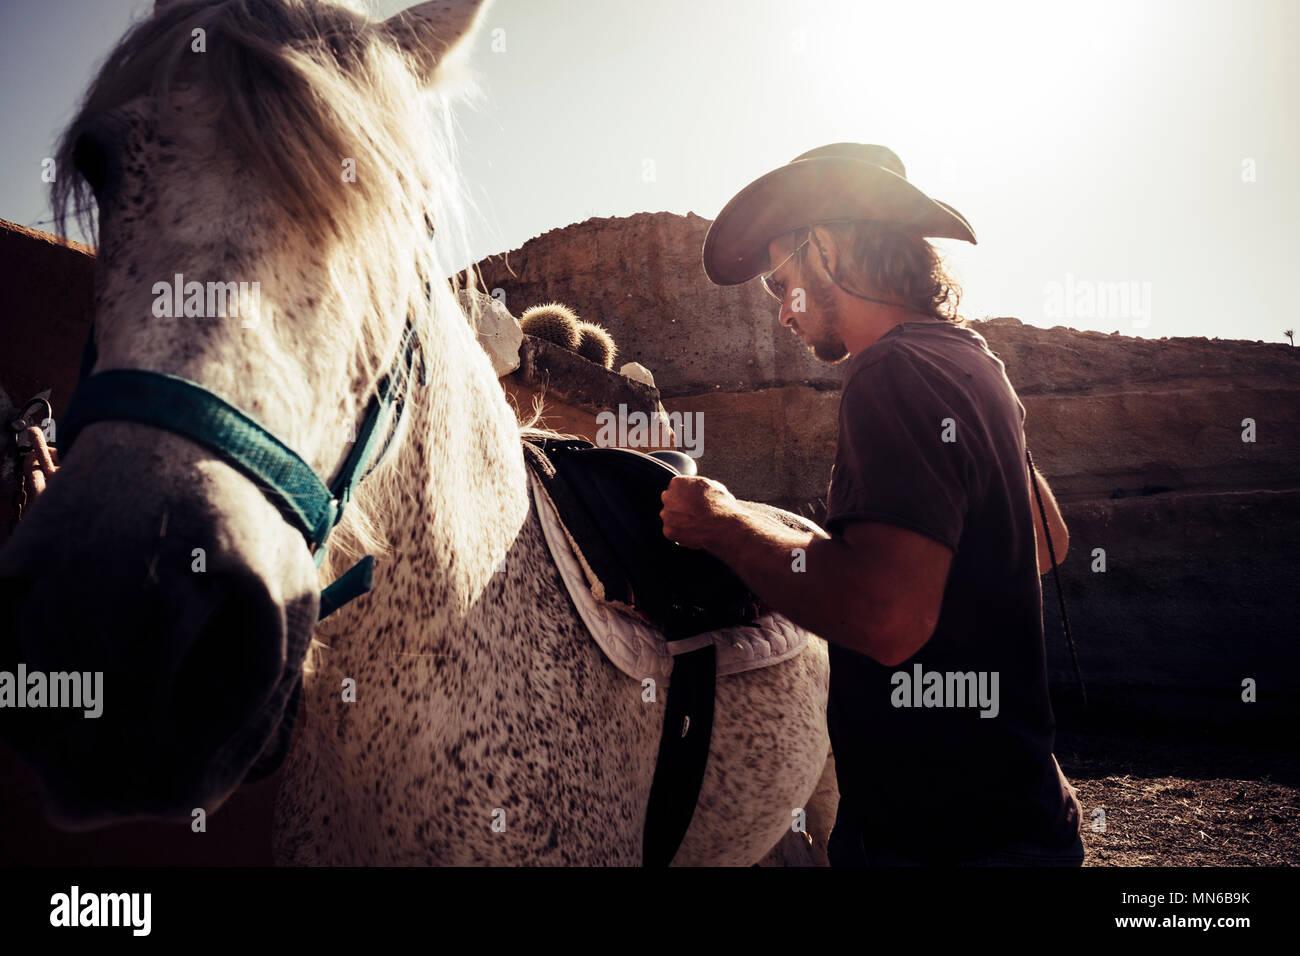 Schönen cowboy Szene mit Bergen im Hintergrund und die Hintergrundbeleuchtung vom Sonnenuntergang für schöne junge Mann blonde lange Haare und bester Freund Pferd t Stockbild